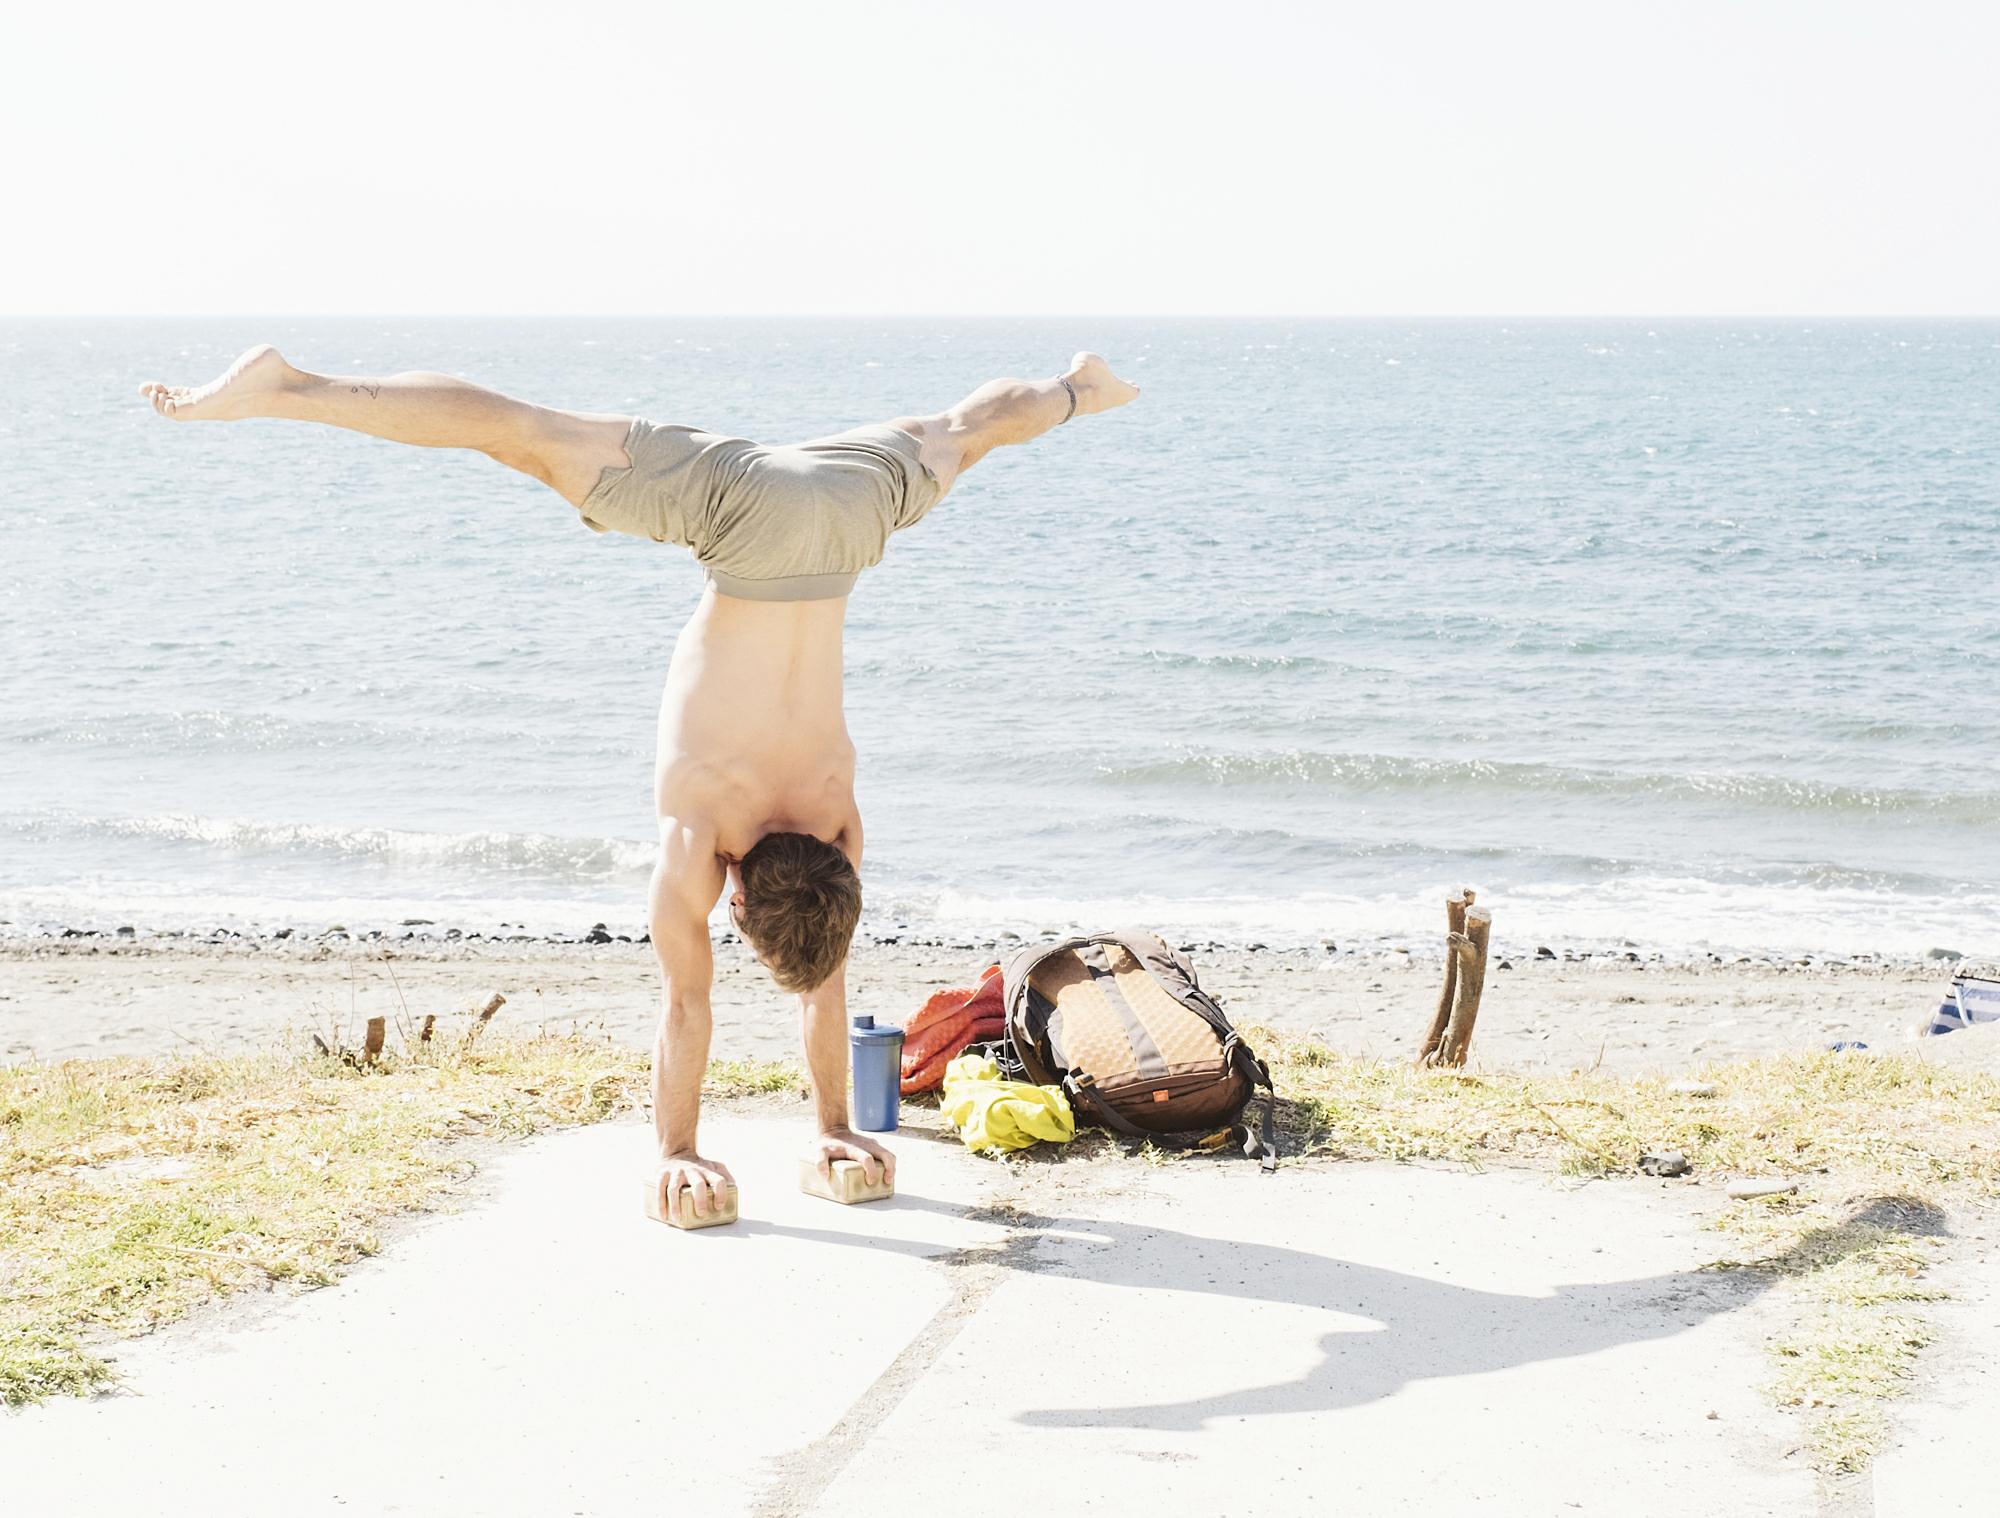 @yogaesteponanaturaleza by @De Haros Estudio Fotográfico